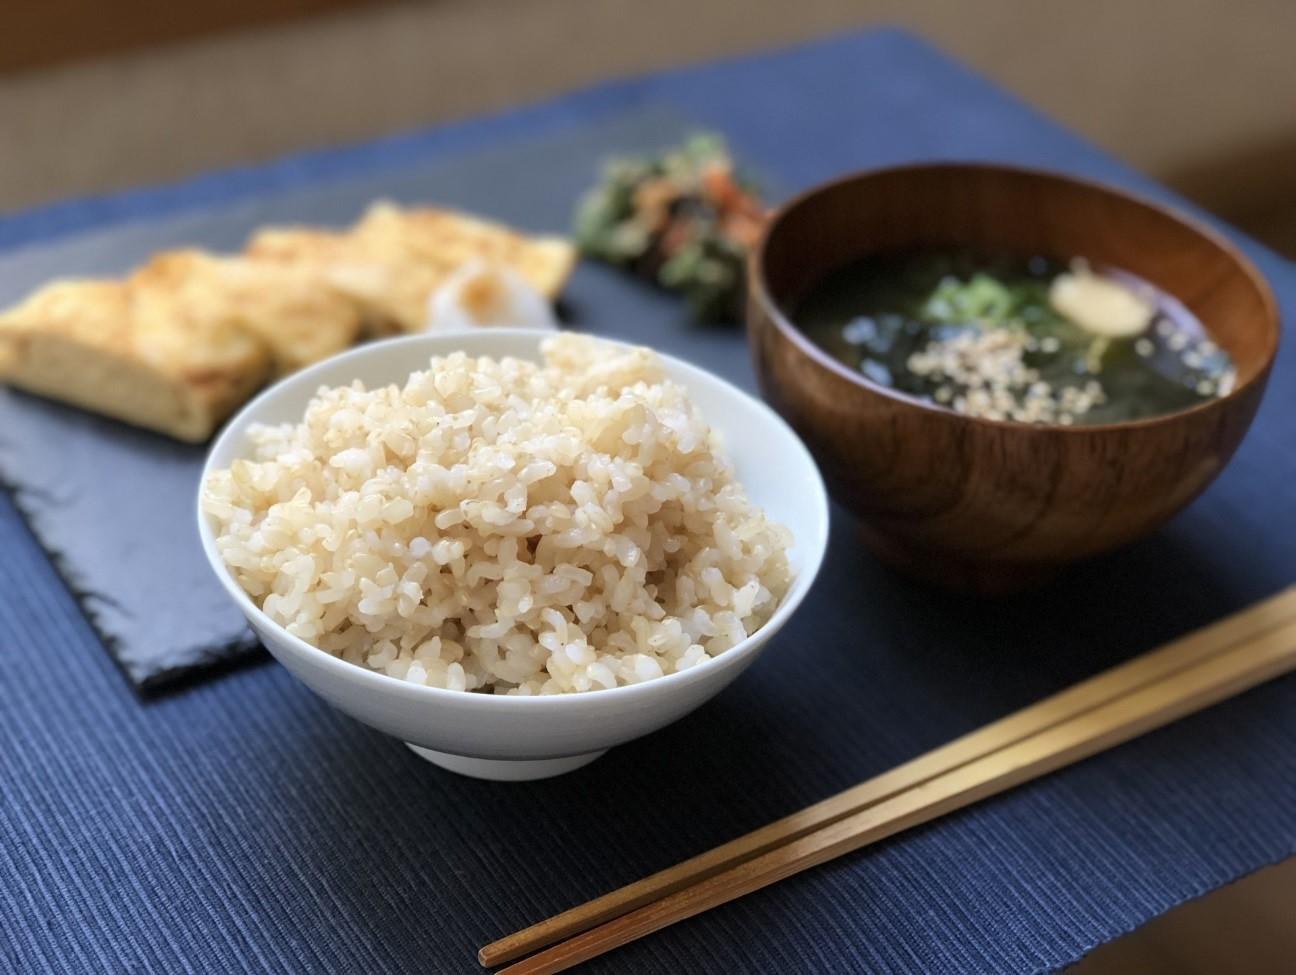 食物繊維とタンパク質